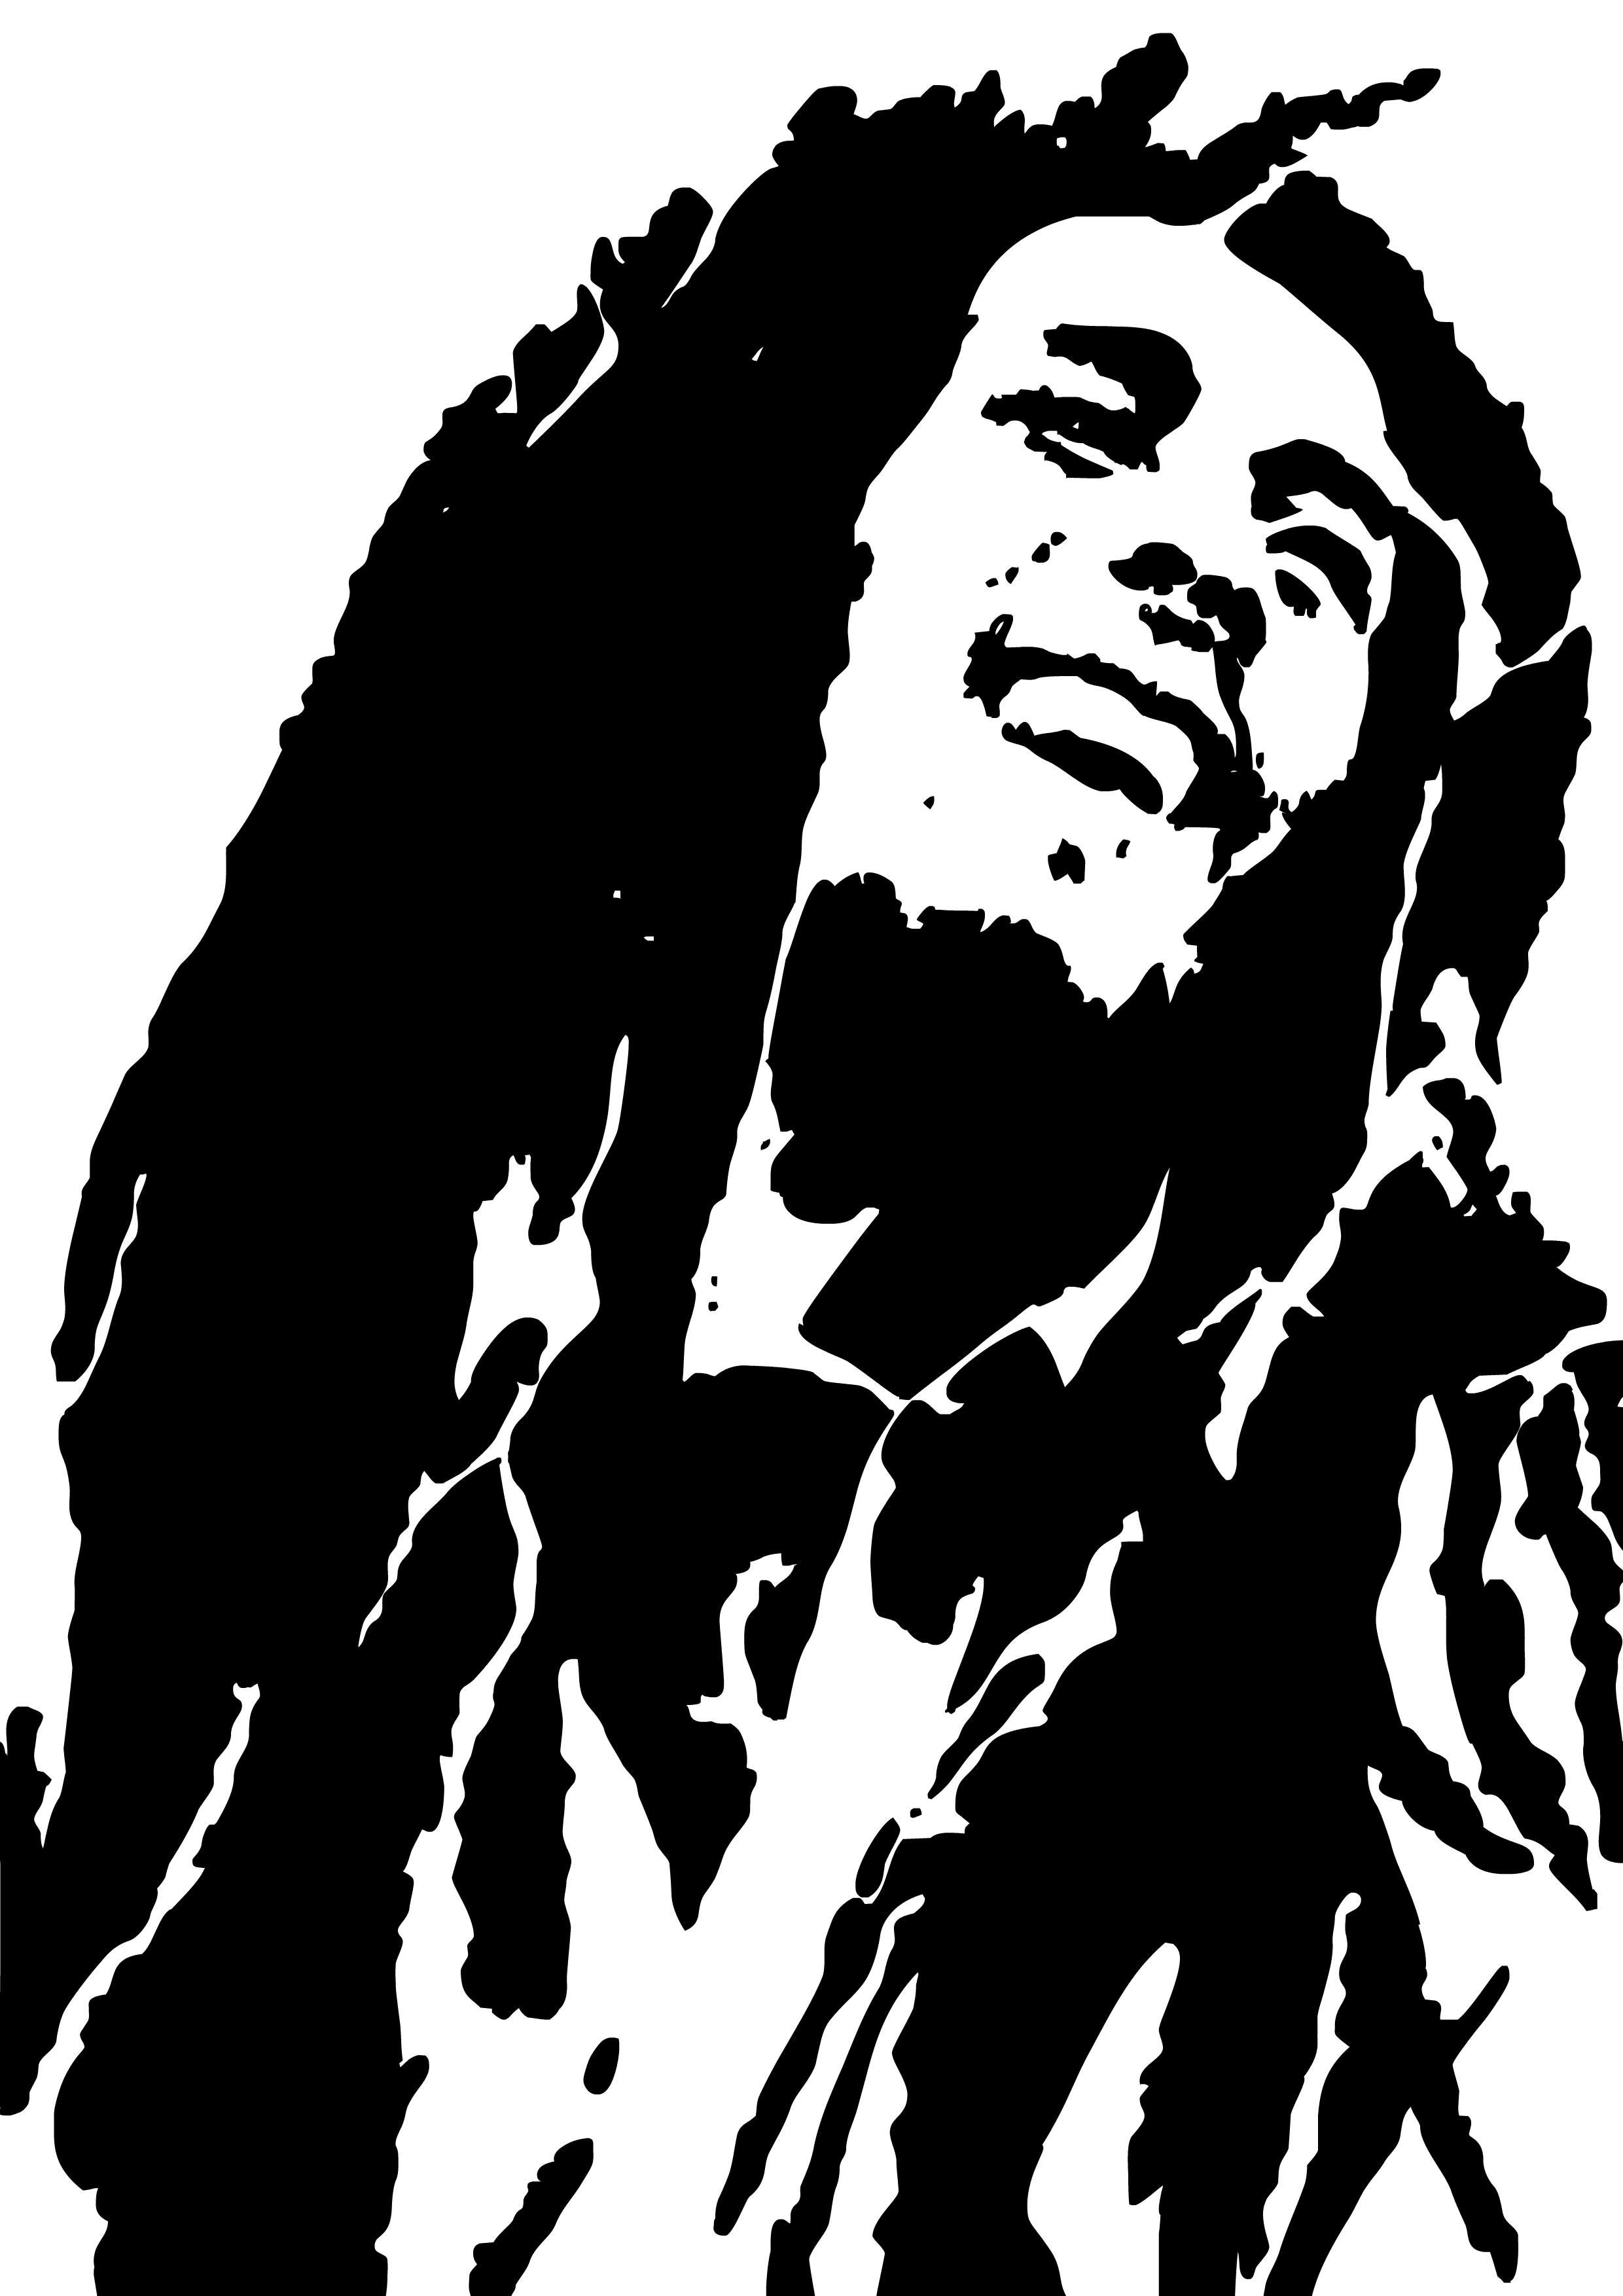 bob marley print by eddywestbury on deviantart